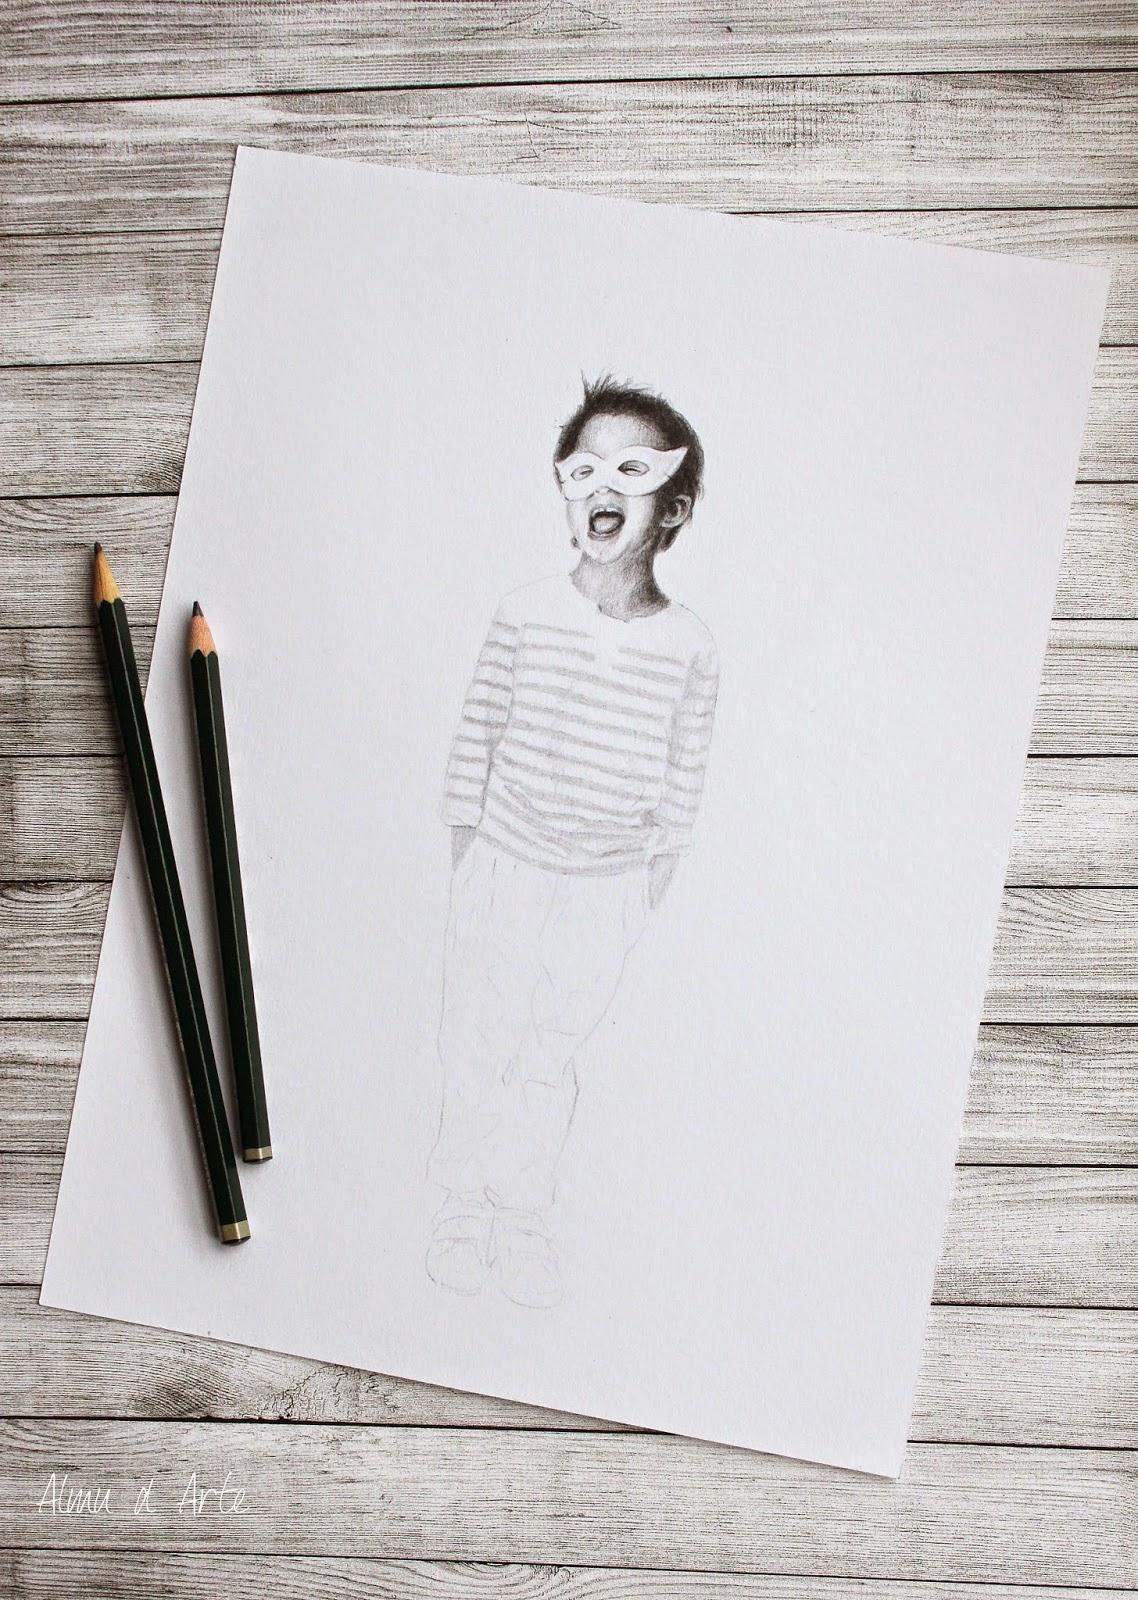 Proceso de creación de un dibujo